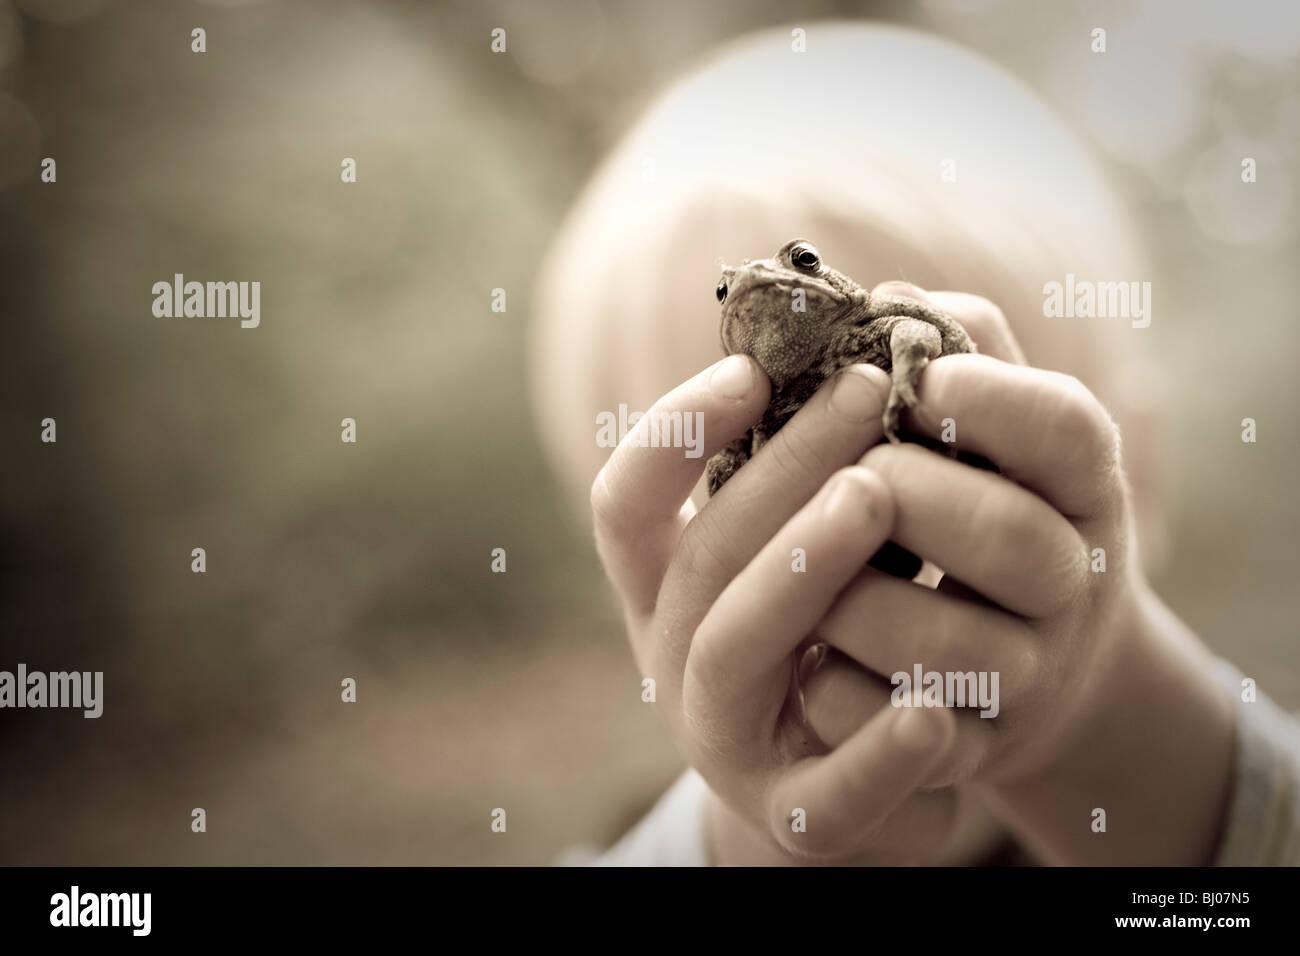 Junges Kind hält eine Kröte. Stockbild